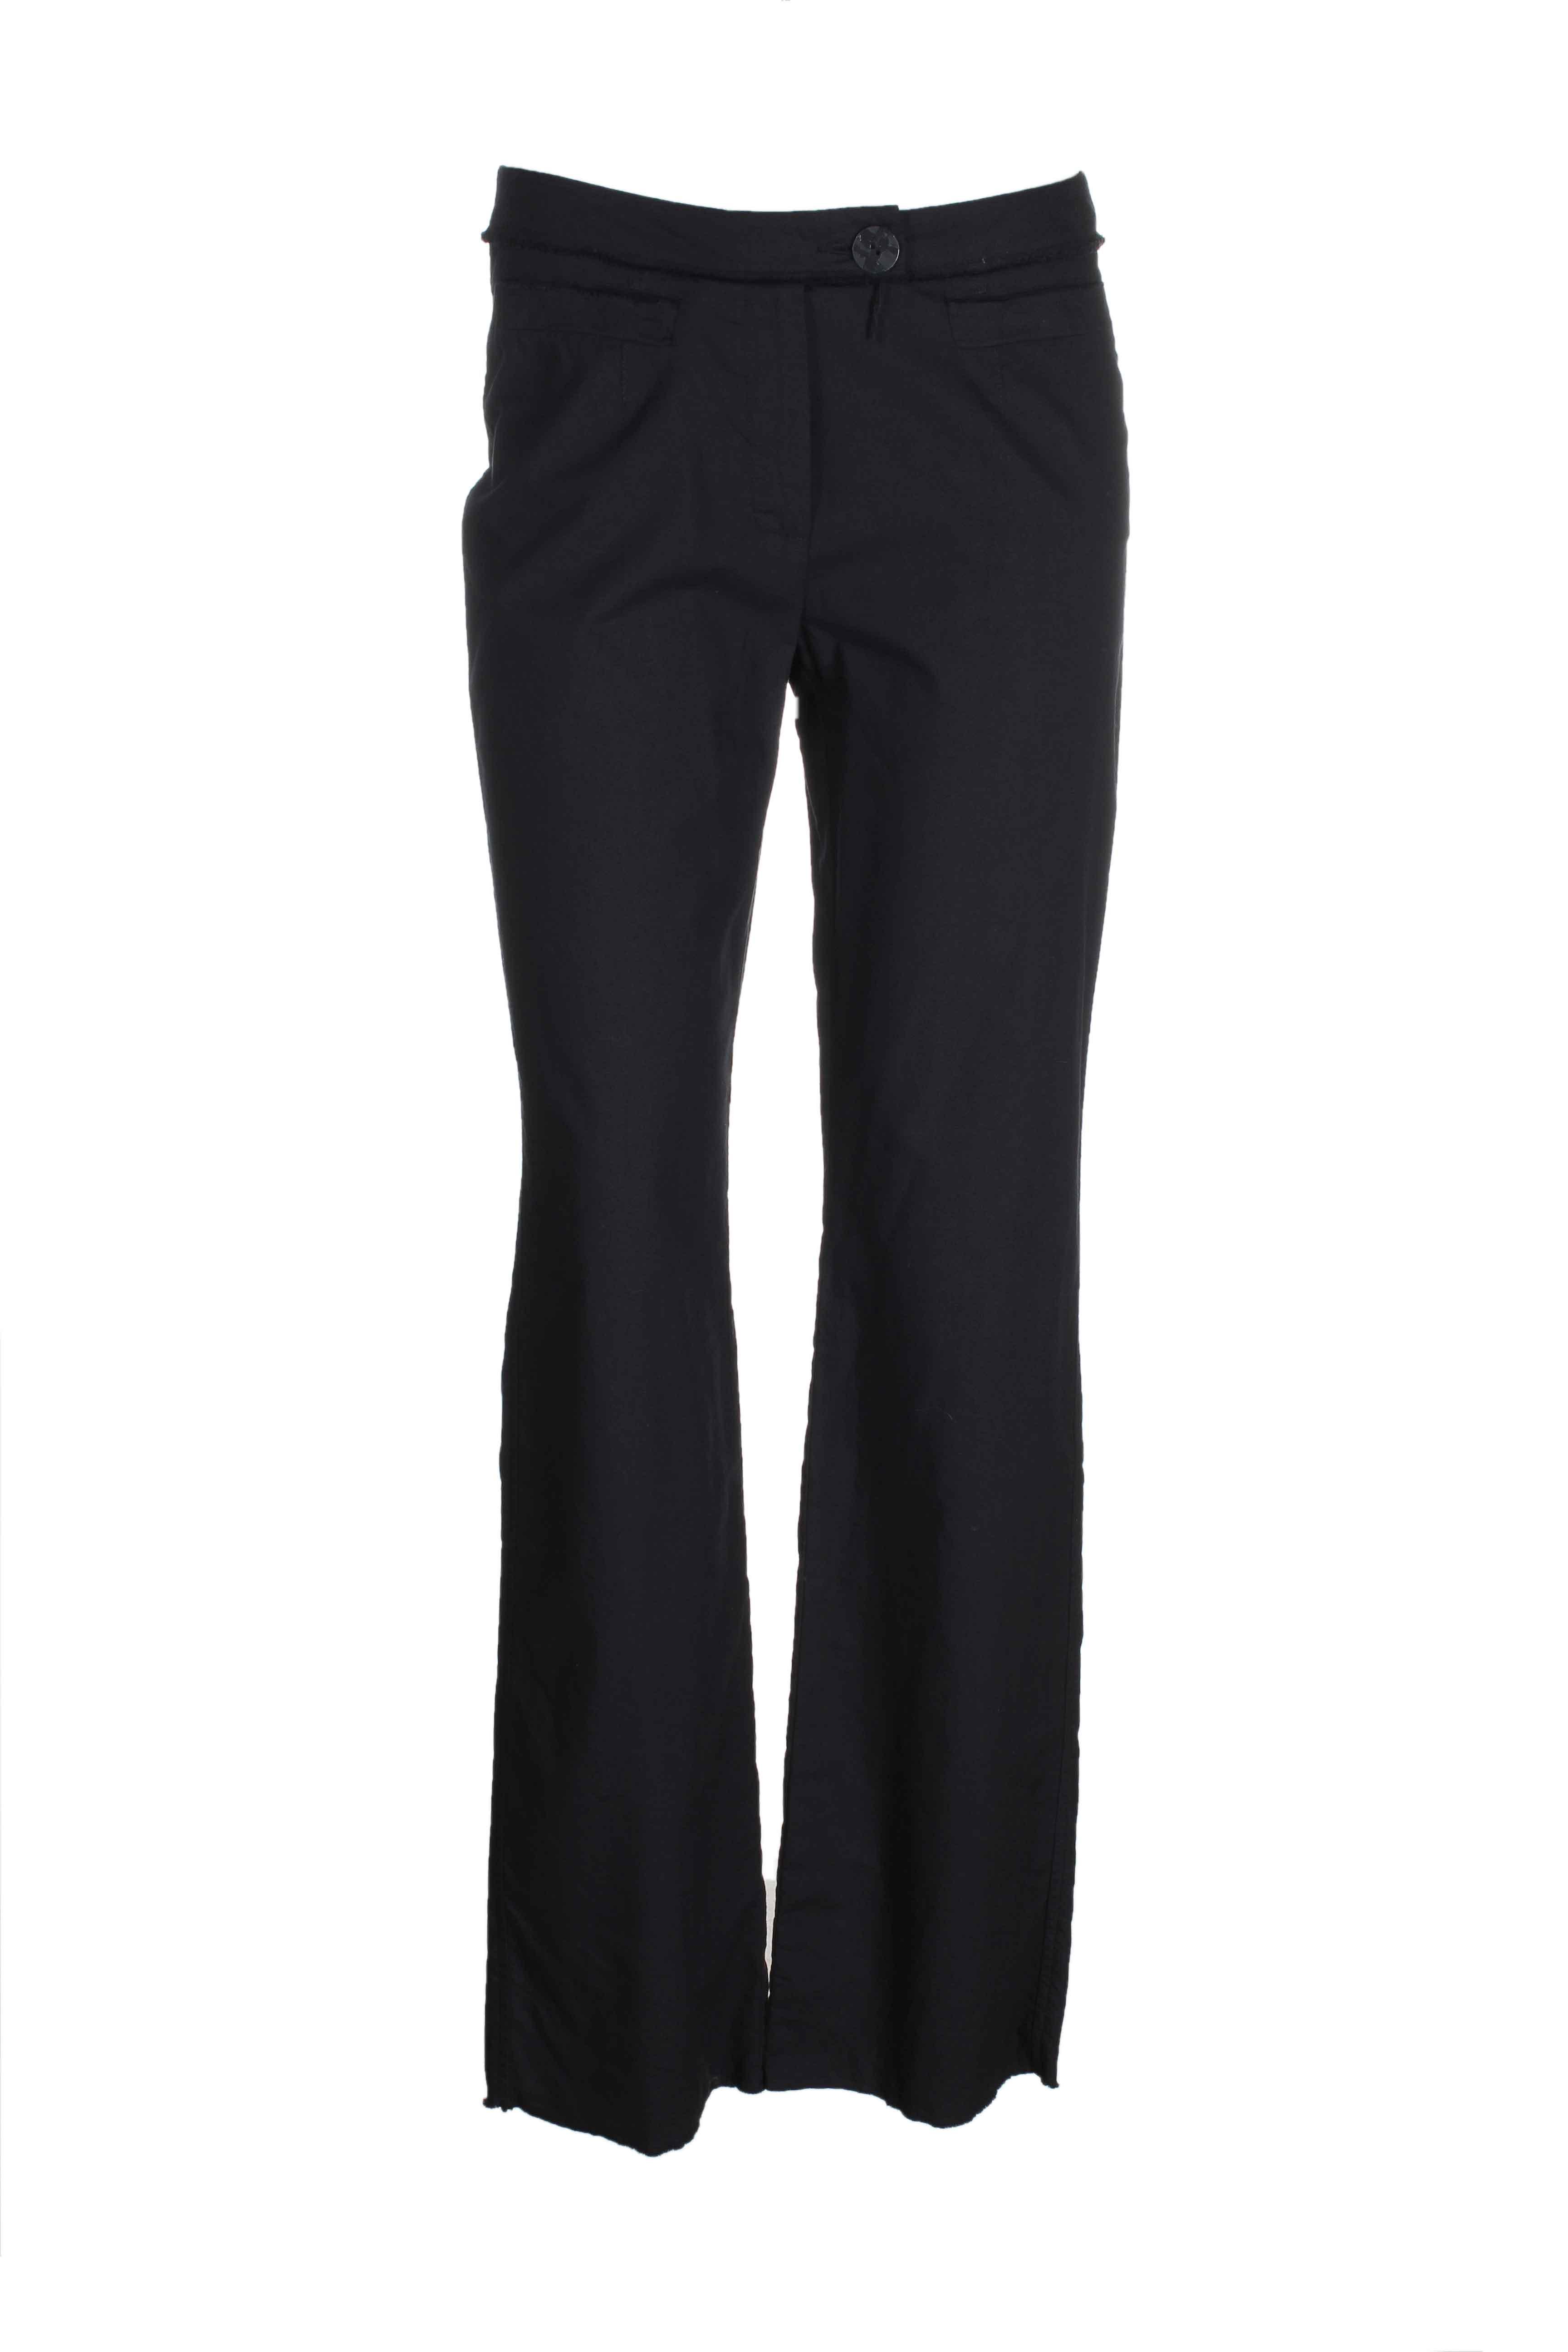 kathleen madden pantalons femme de couleur noir